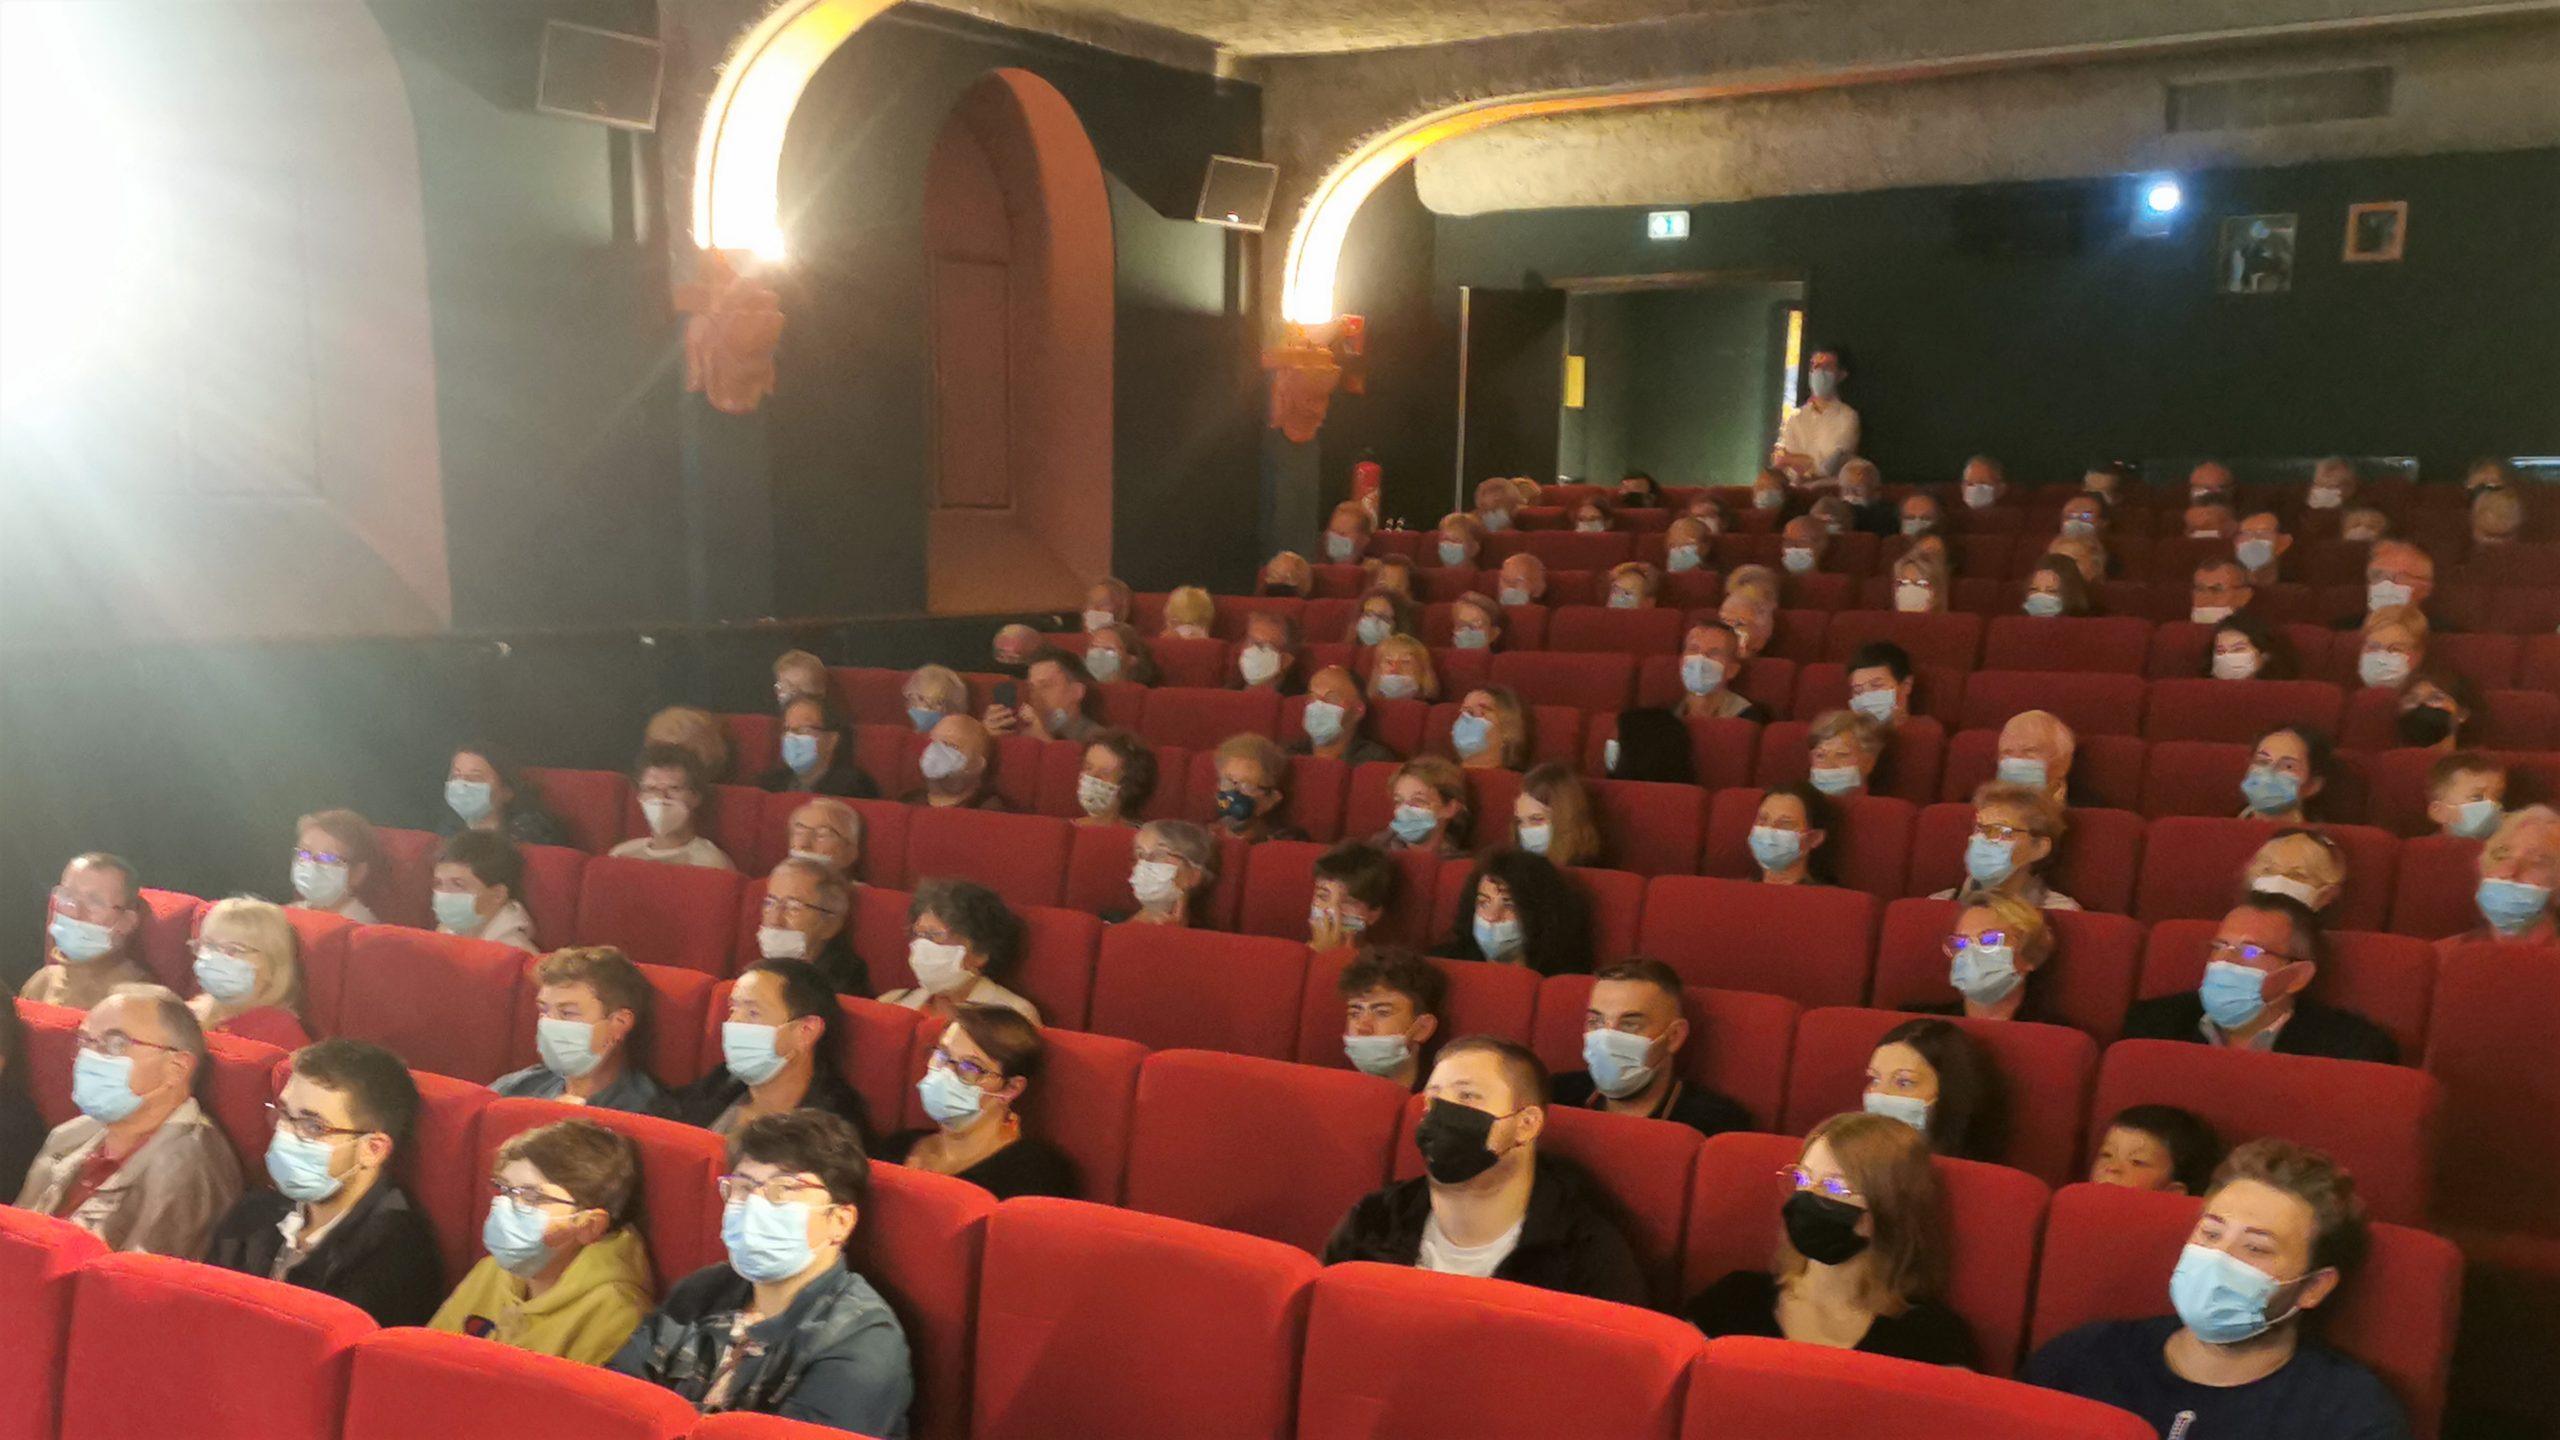 Saint-Pol : le cinéma Le Régency revit et tire les leçons de la crise sanitaire